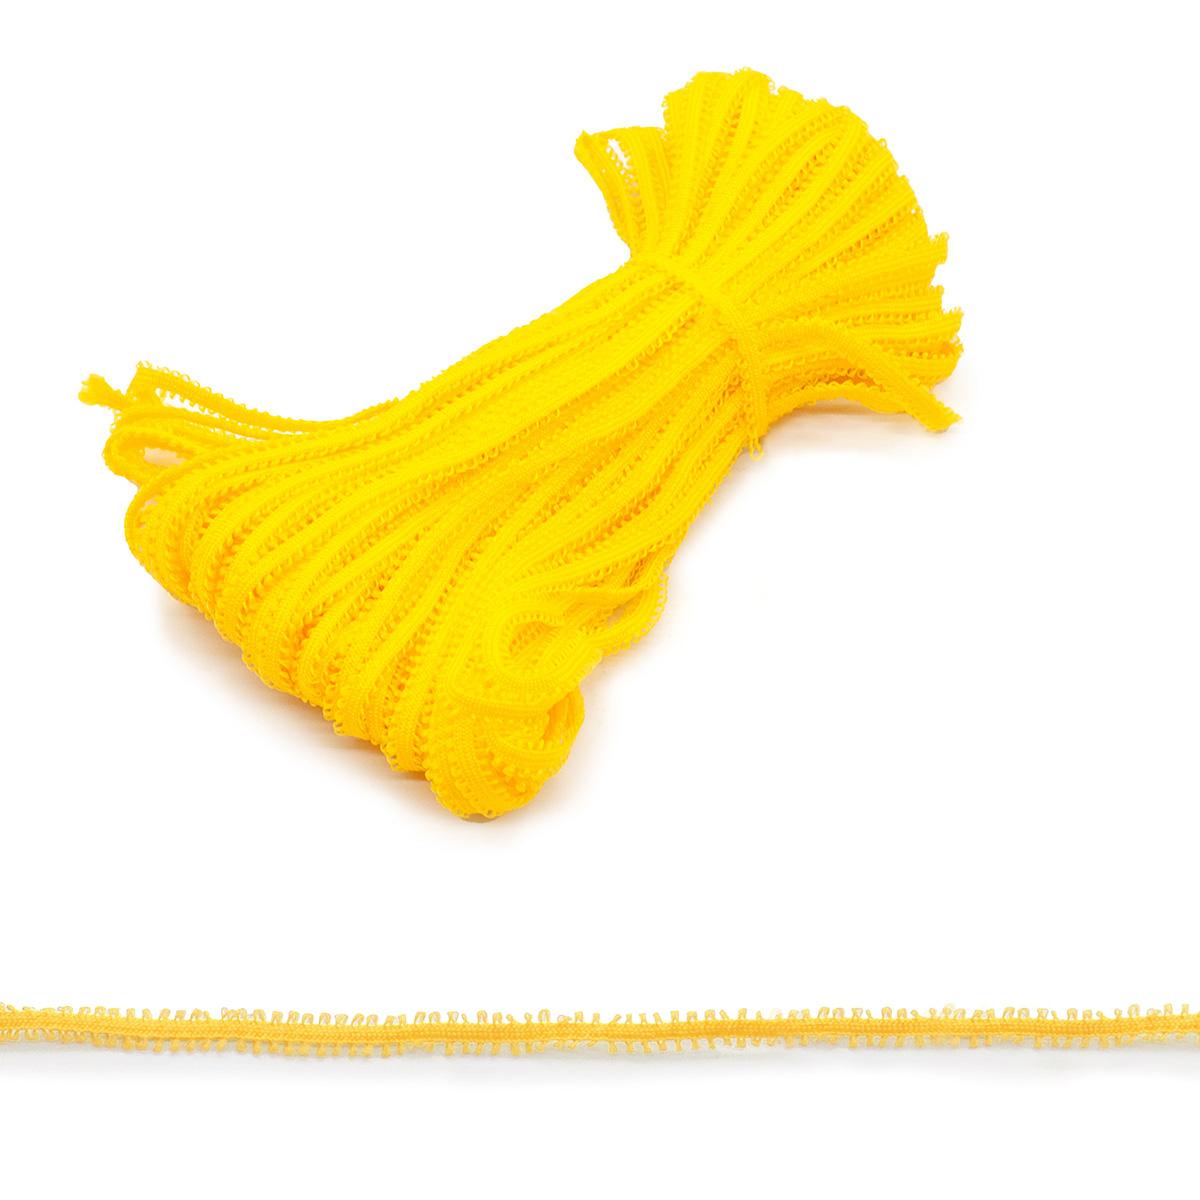 С3601 Шнур отделочный сороконожка, 4 мм*25 м